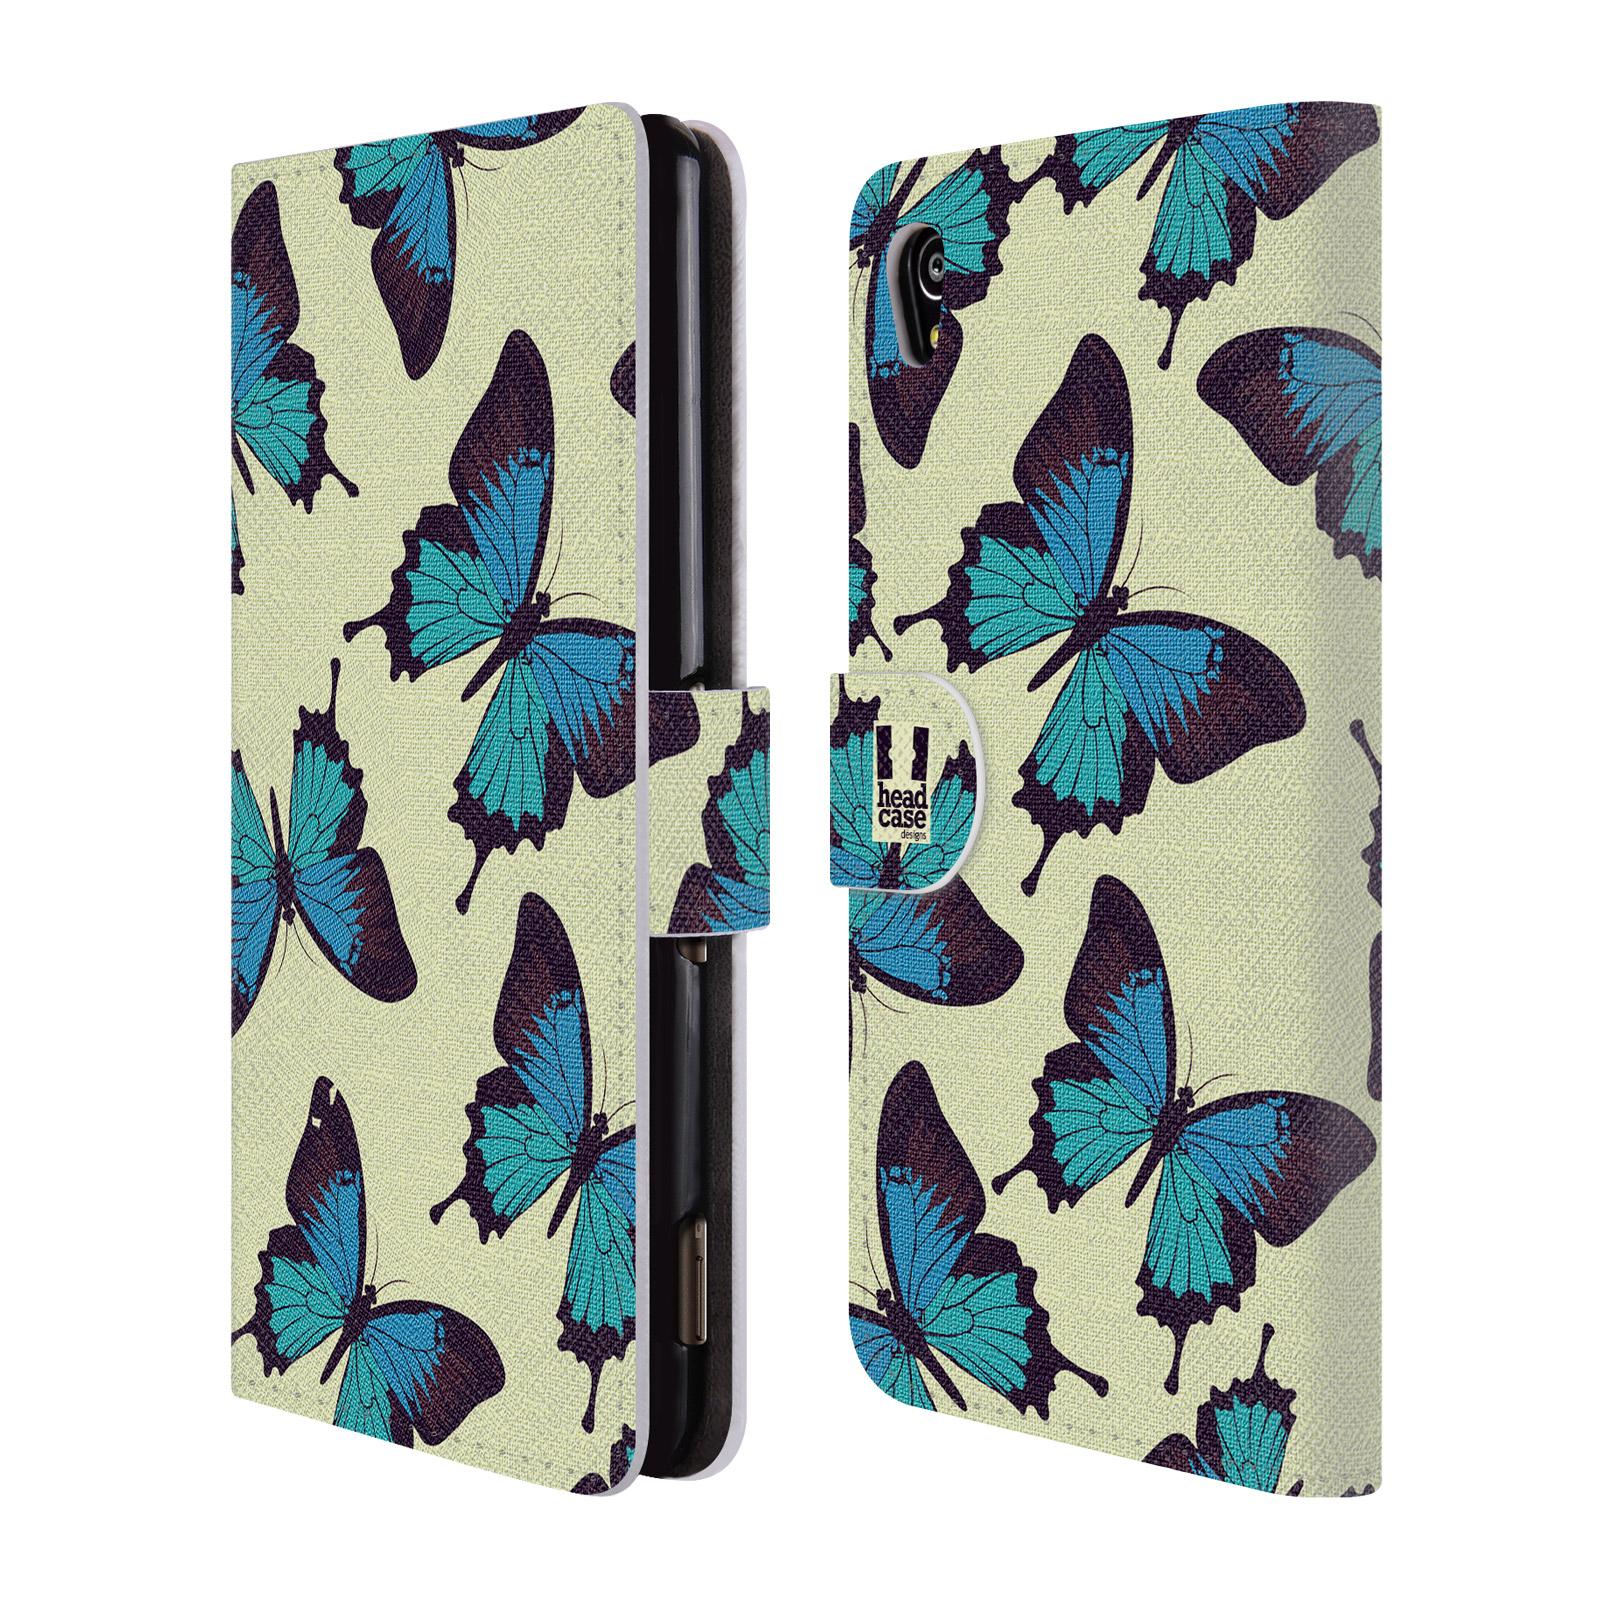 HEAD CASE Flipové pouzdro pro mobil SONY XPERIA M4 AQUA Vzorkovaný motýl modrá